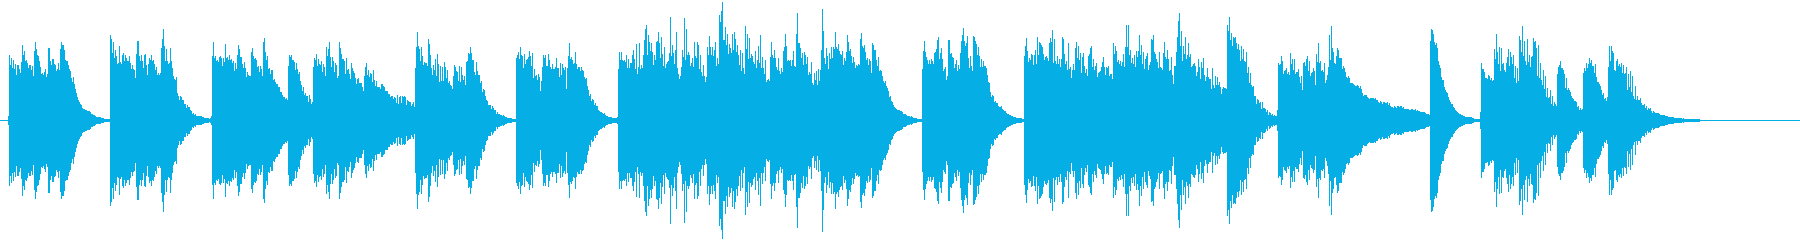 ユーモラスなメロディの軽快ピアノジングルの再生済みの波形